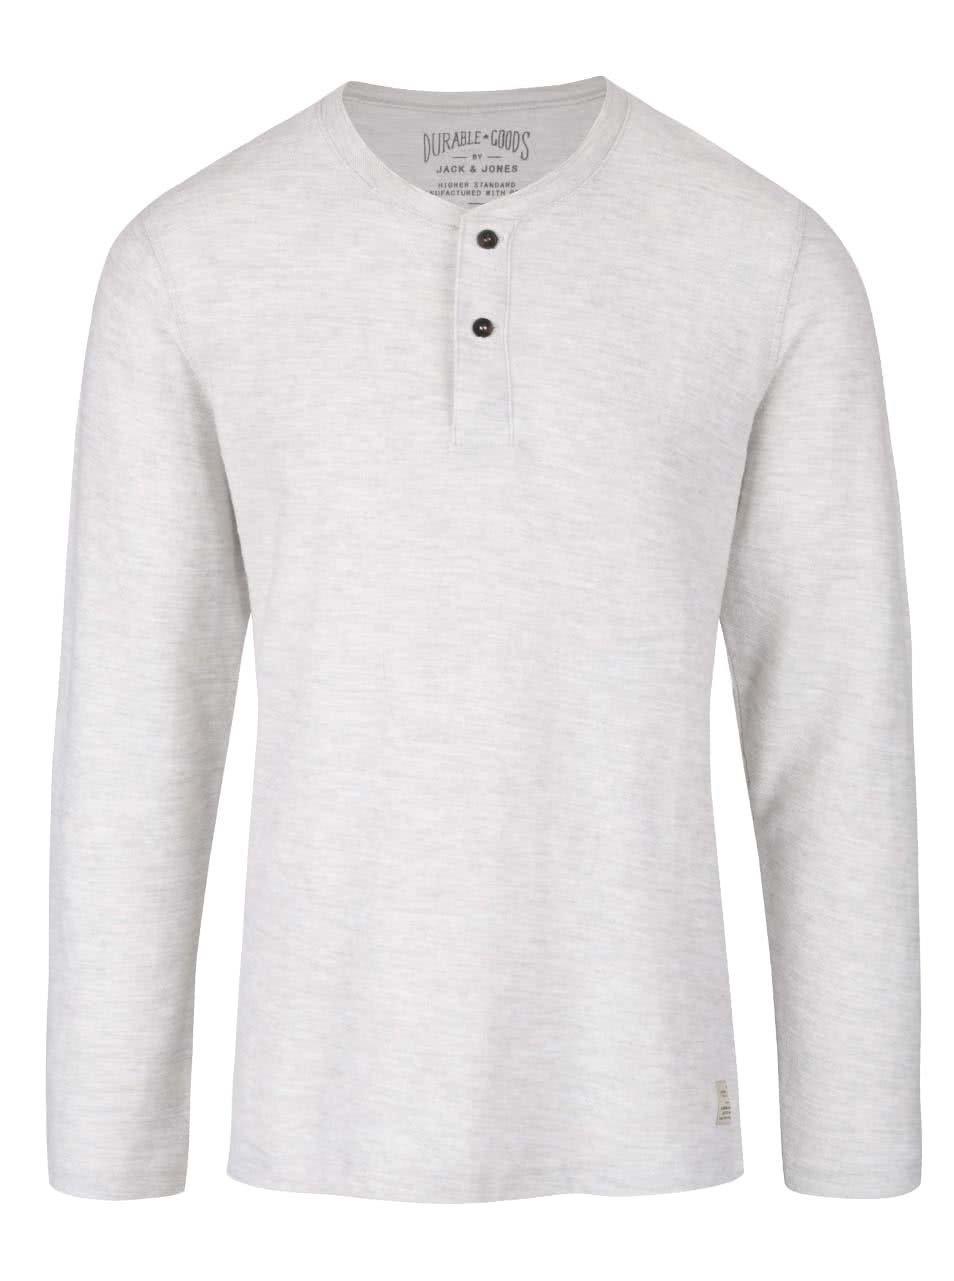 Krémové žíhané tričko s knoflíky a dlouhým rukávem Jack & Jones Sebastian